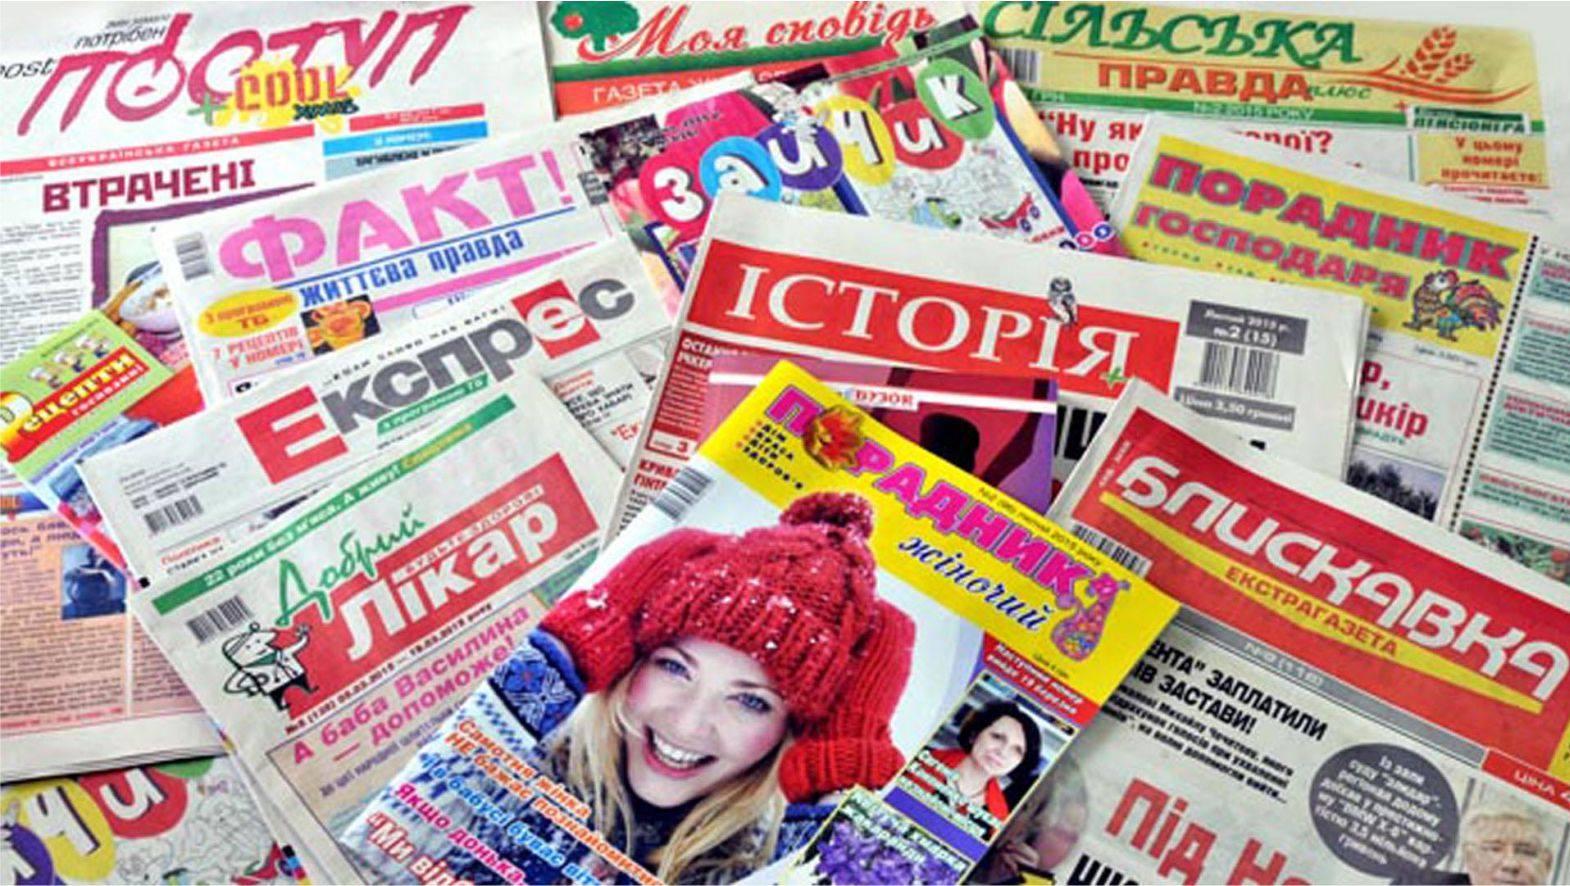 тому картинки для магазина журналов роль играет только